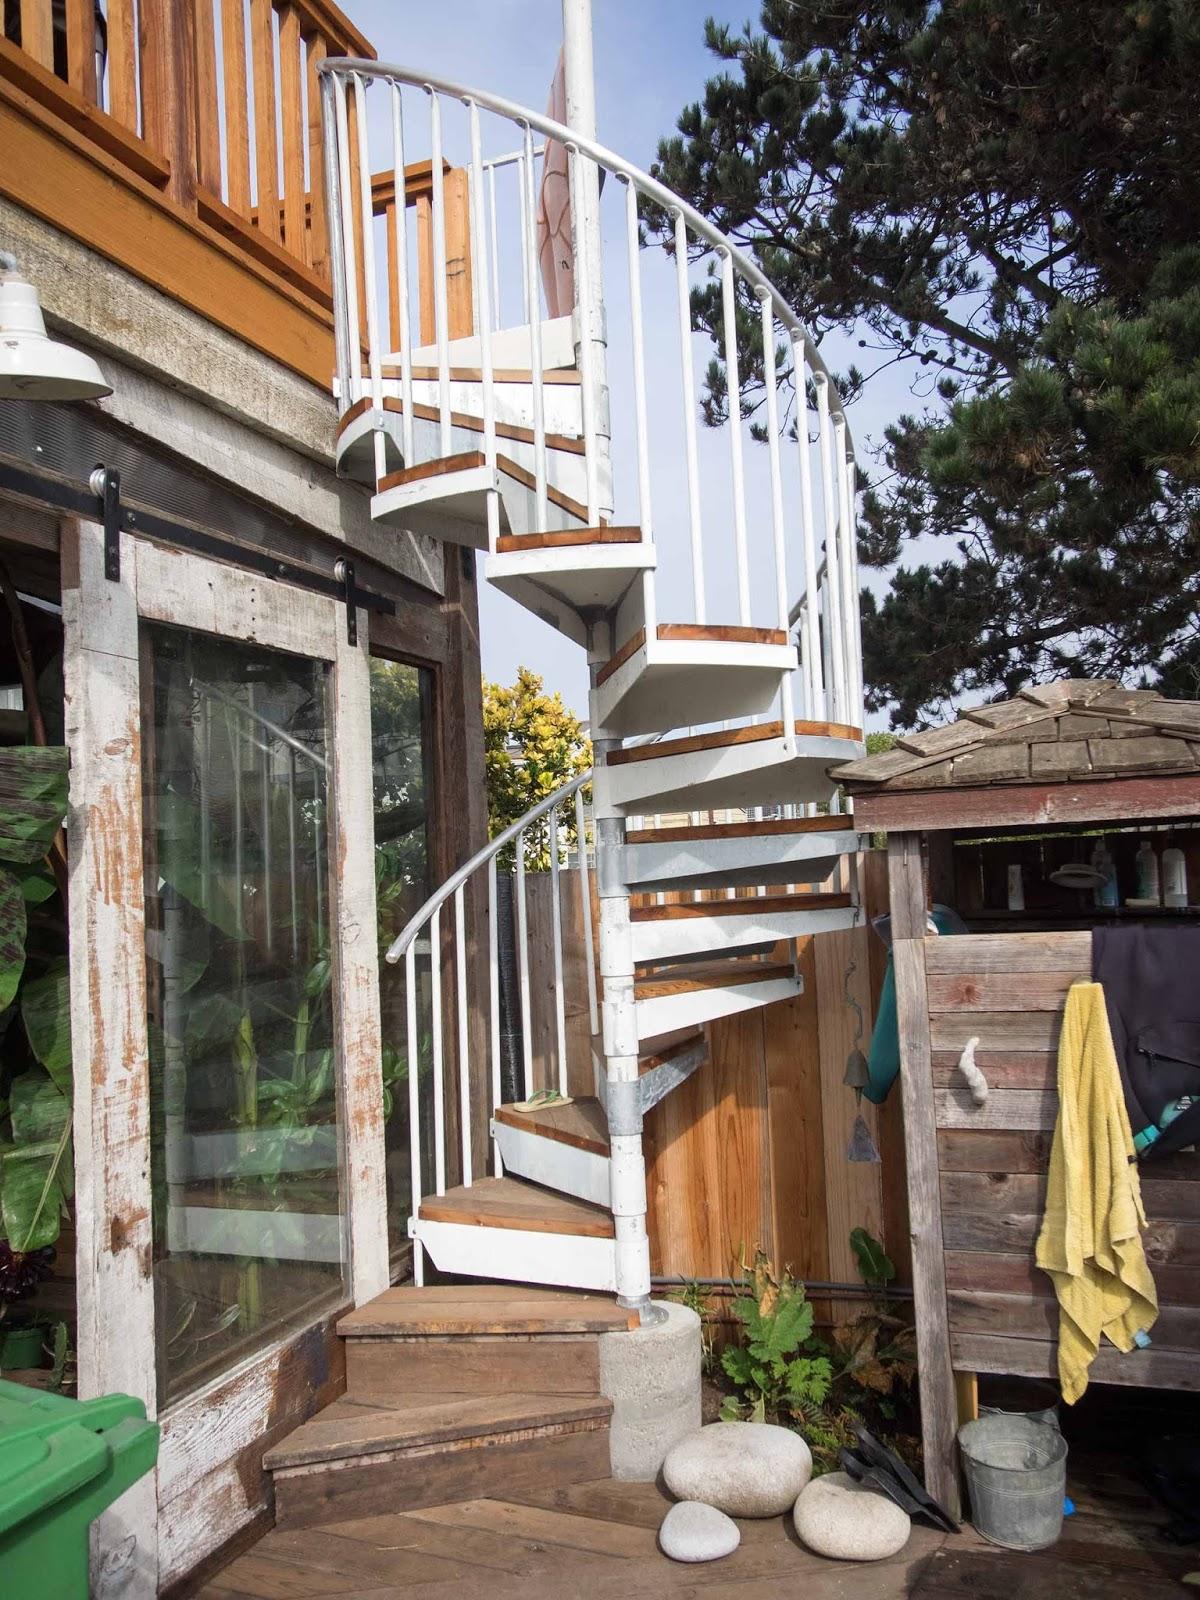 Home Sauna Kits Since 1974 lloyd's blog